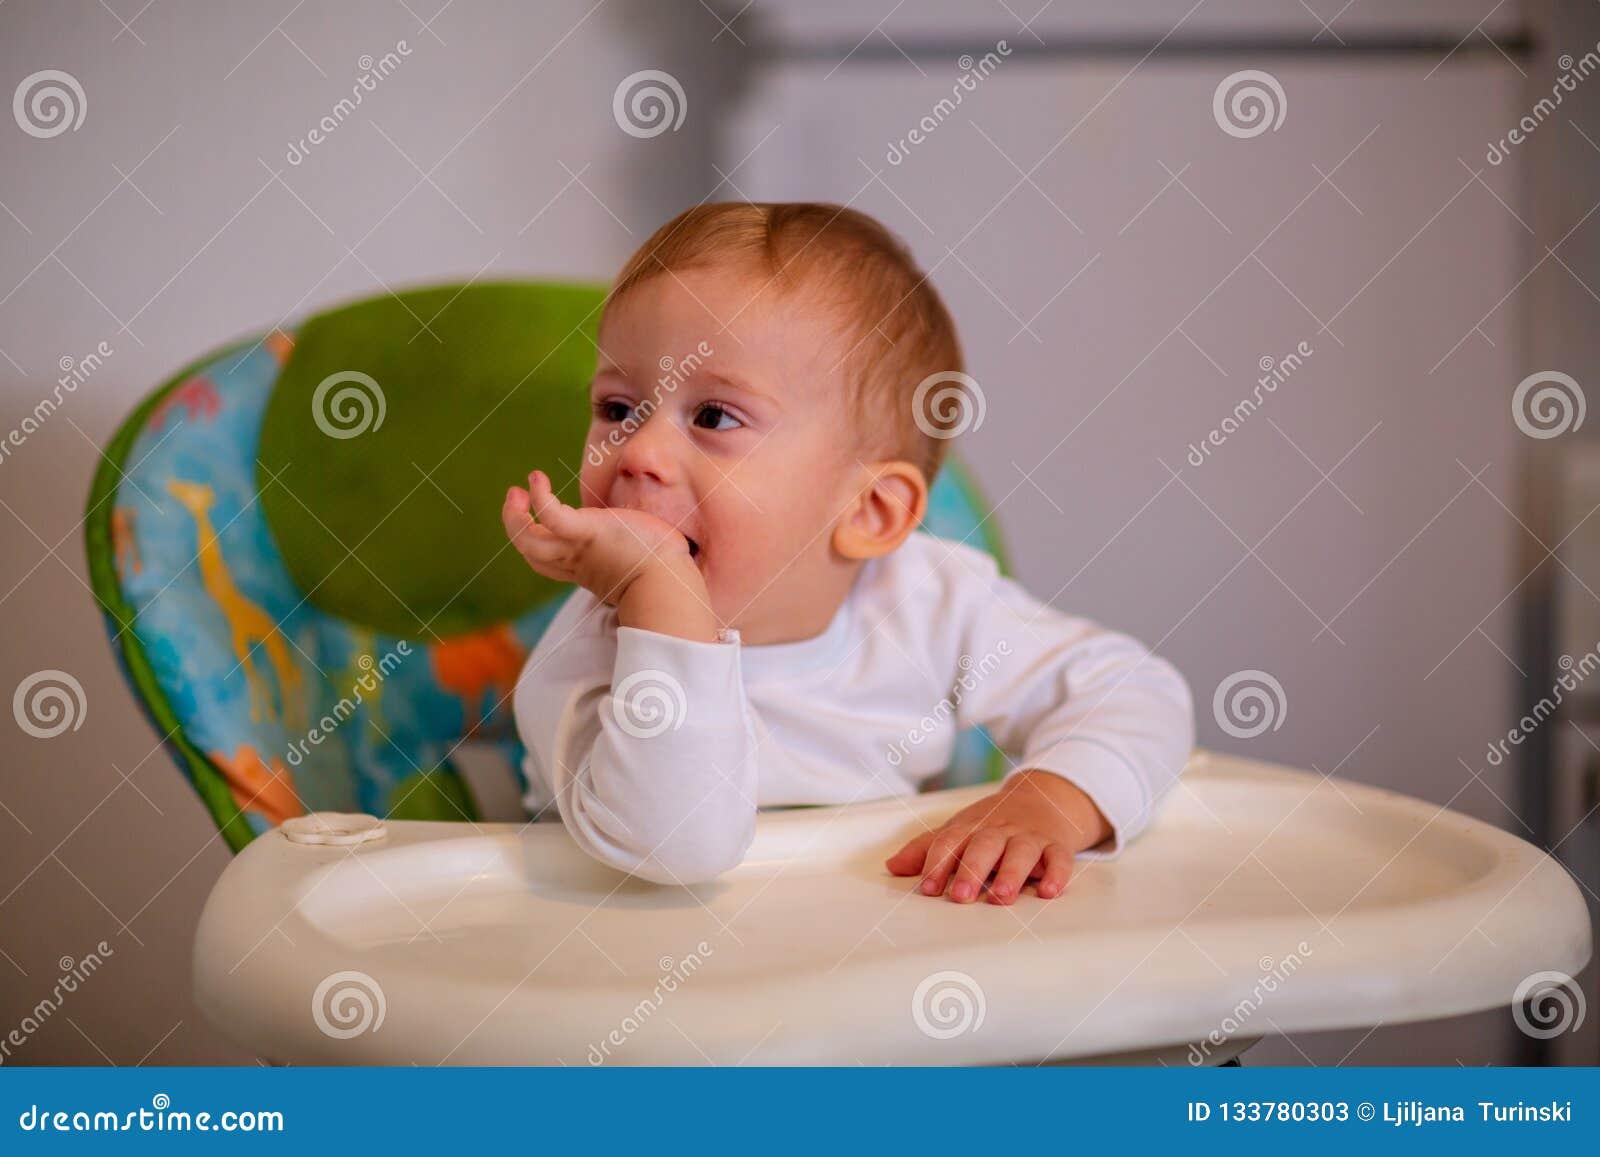 Alimentación infantil muchacho alegre que se sienta en el highchair